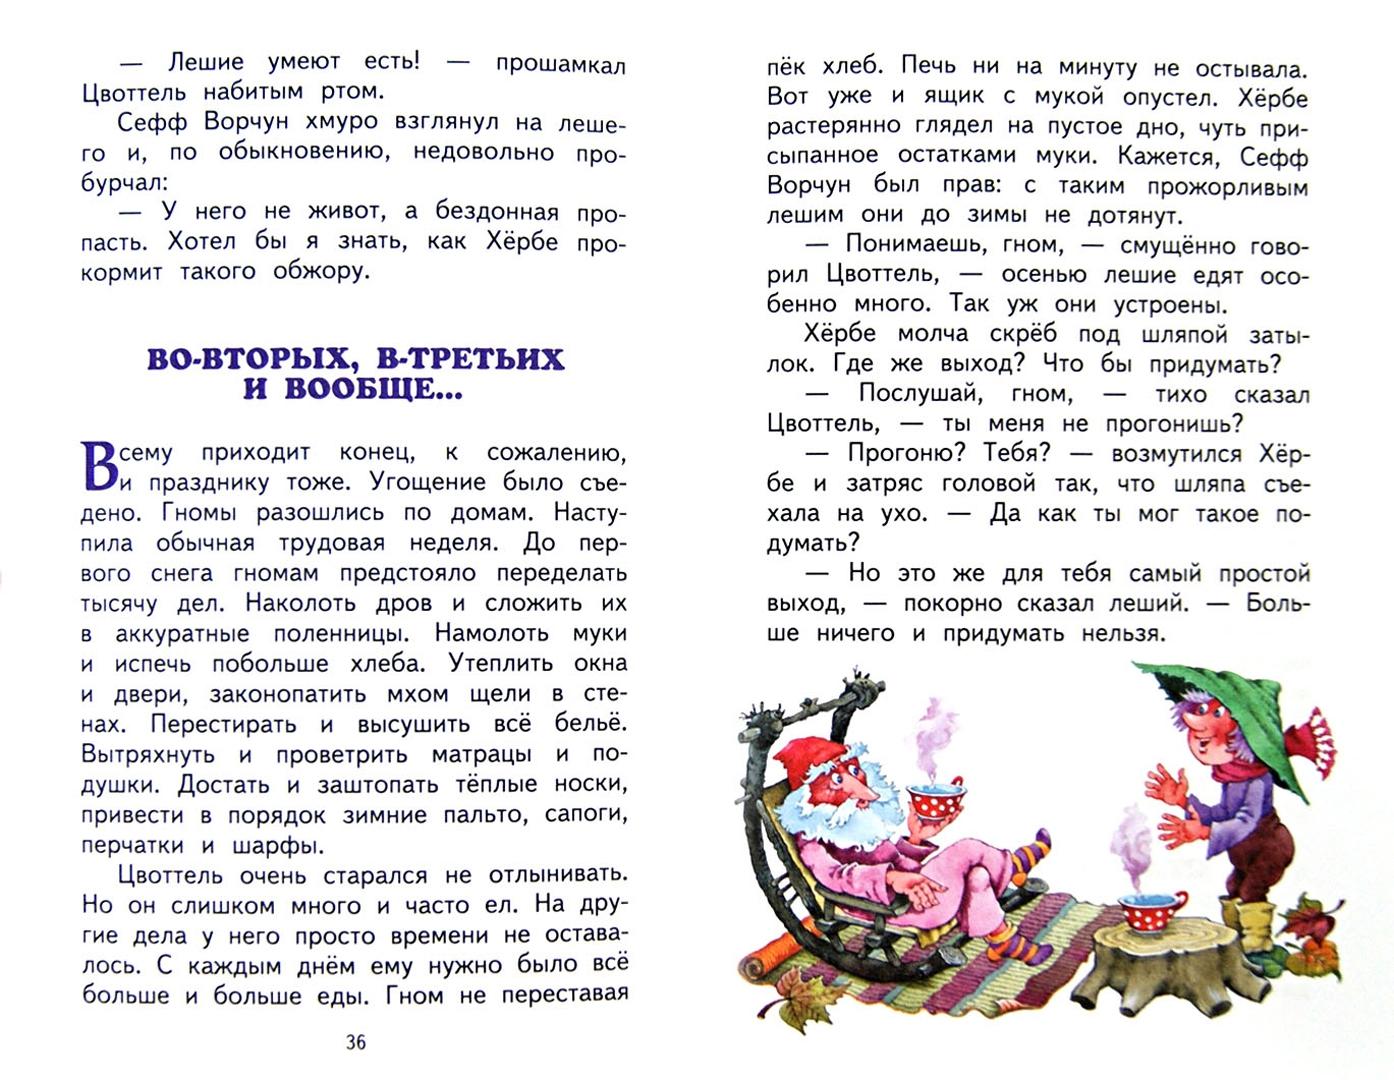 Иллюстрация 1 из 26 для Гном Хербе и Леший - Отфрид Пройслер   Лабиринт - книги. Источник: Лабиринт